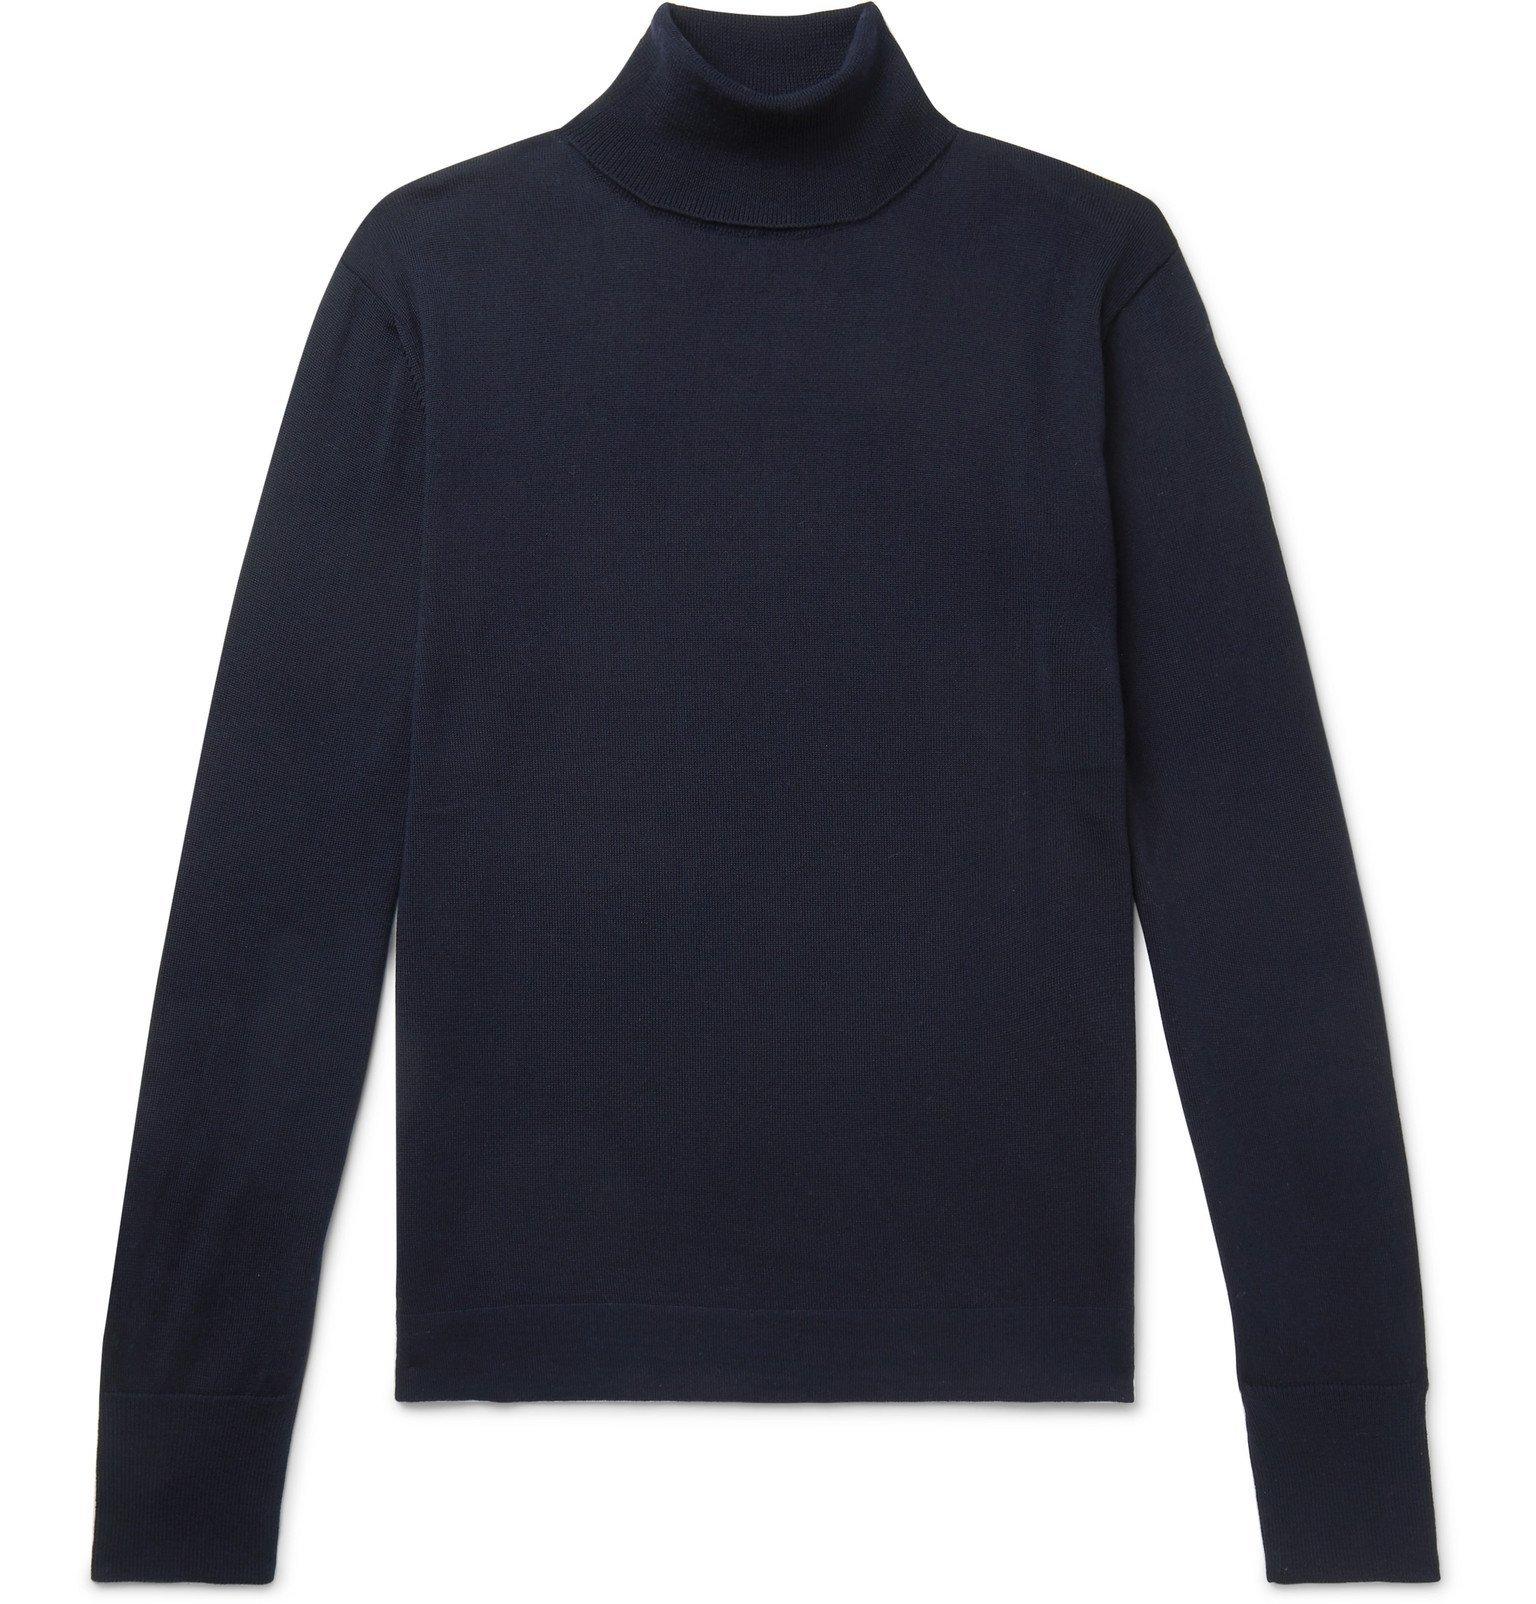 Officine Generale - Nina Virgin Wool Rollneck Sweater - Blue